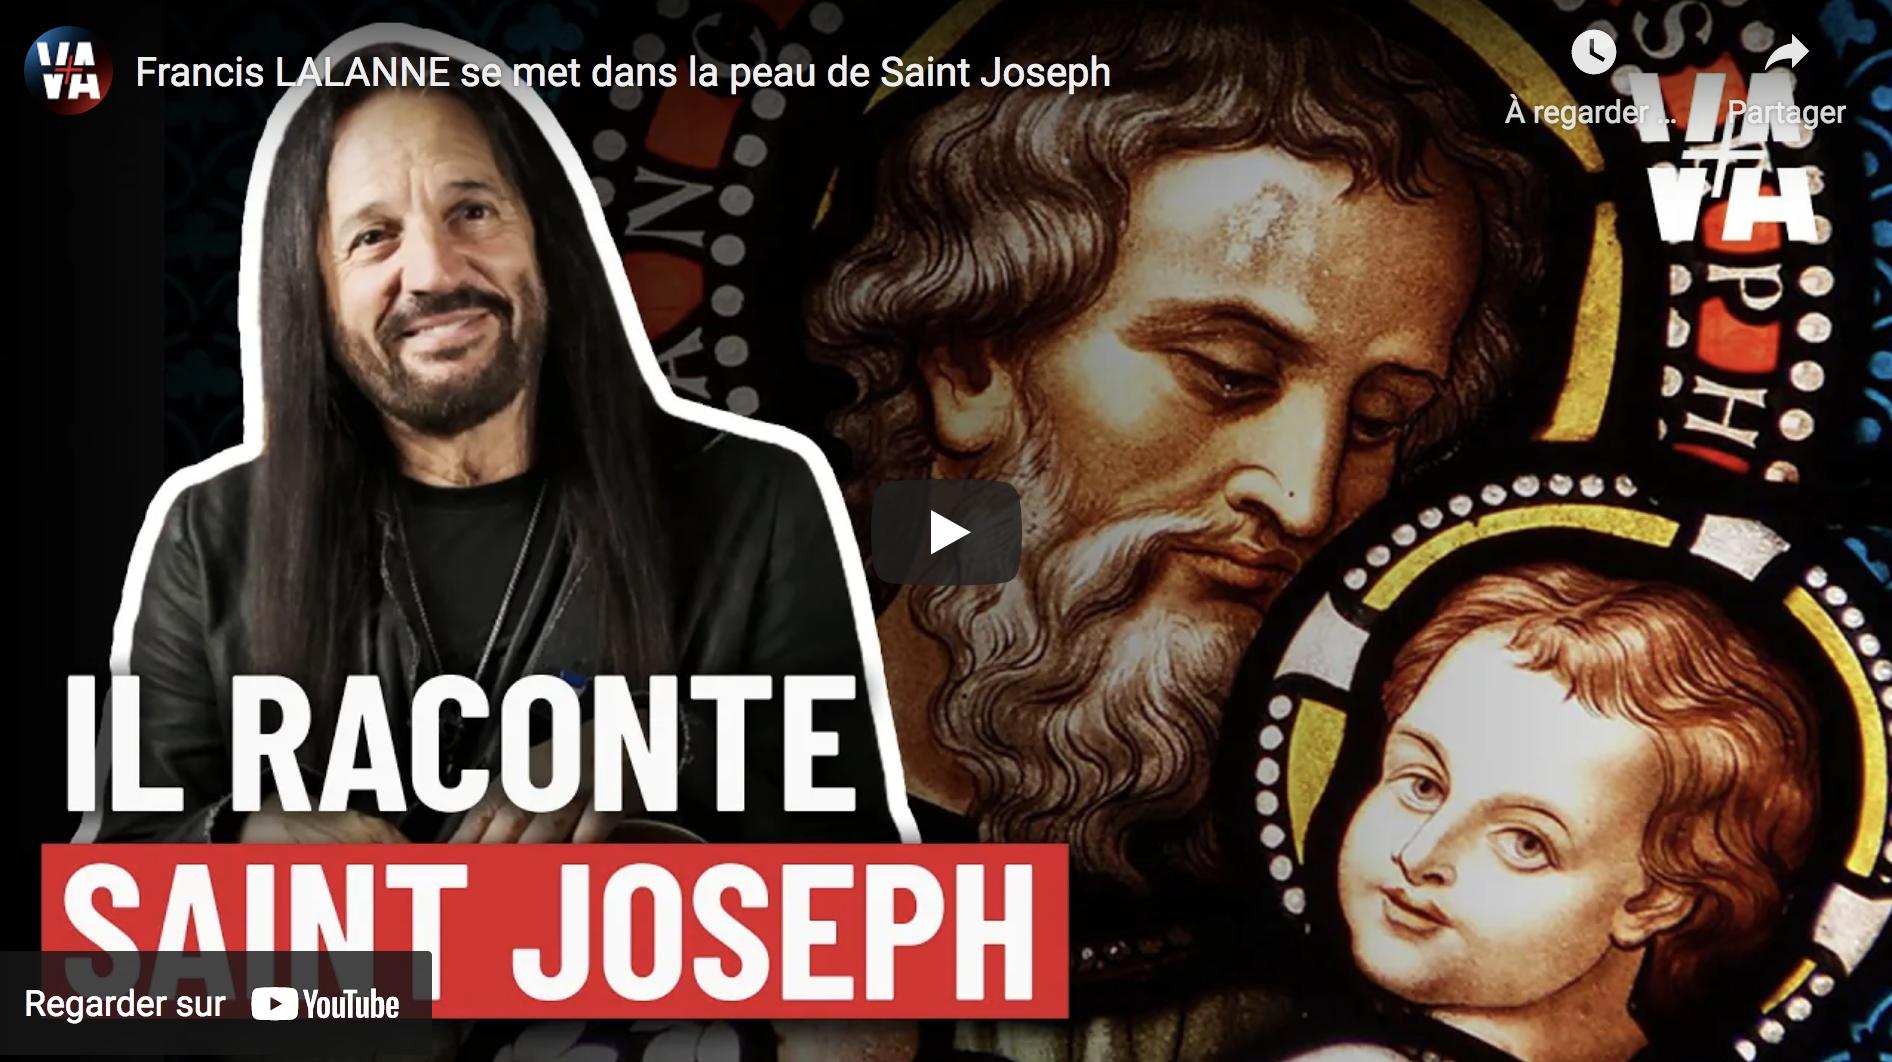 Francis Lalanne se met dans la peau de saint Joseph (VIDÉO)